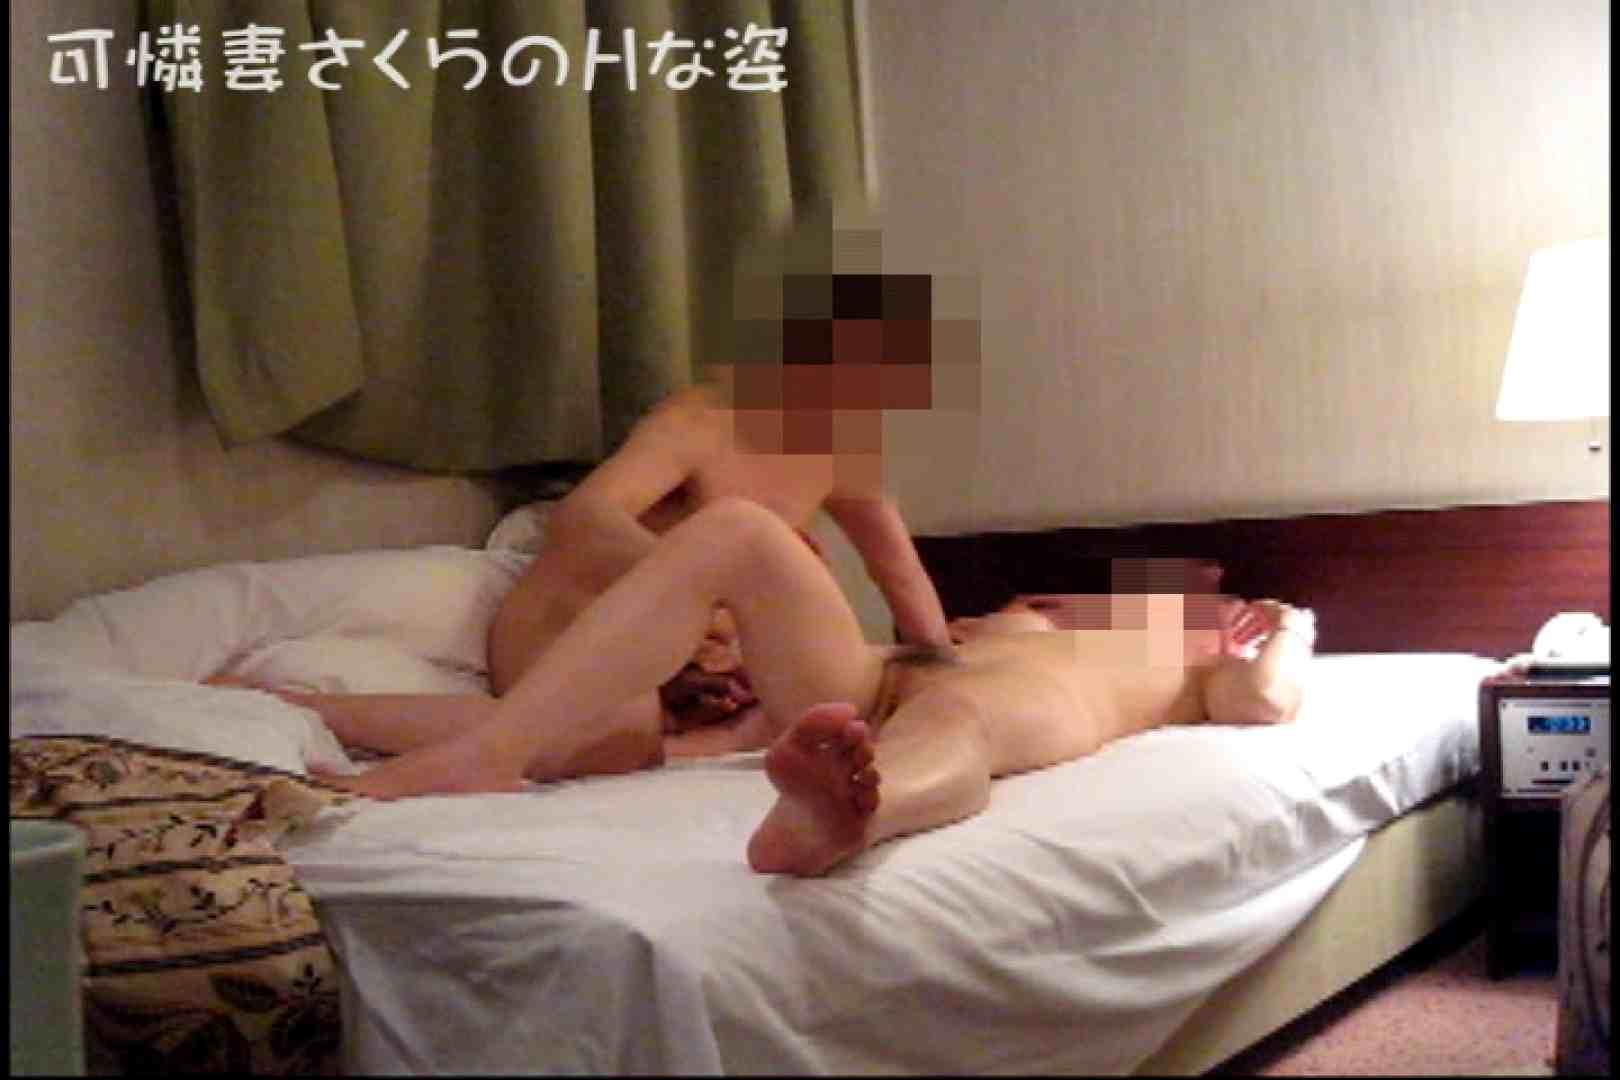 トイレ盗撮|可憐妻さくらのHな姿vol.5前編|大奥